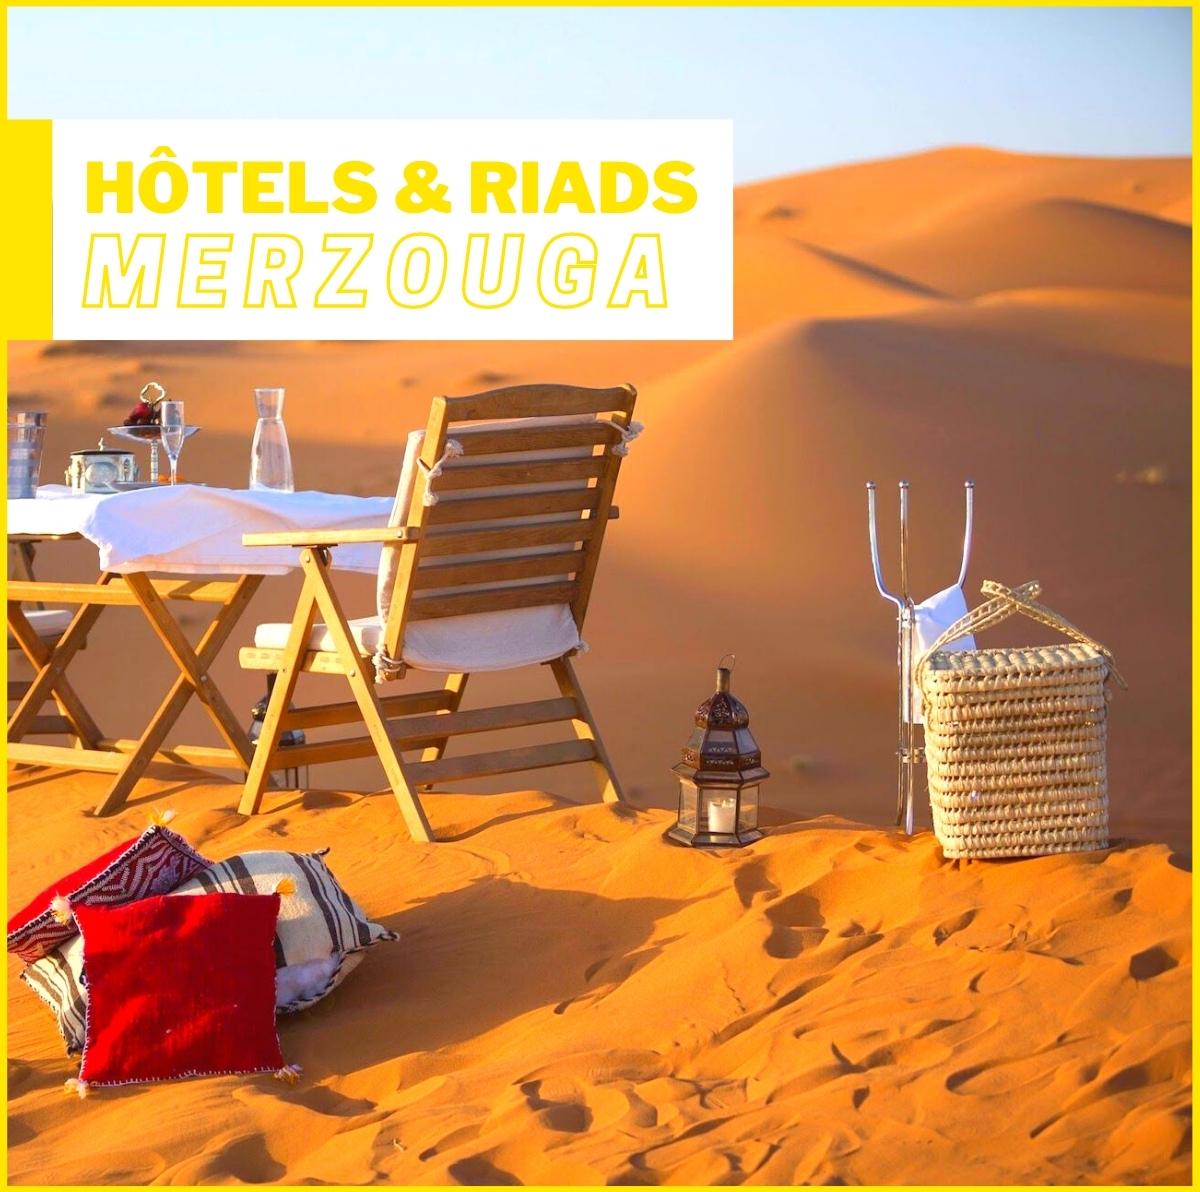 Hôtels - Riads et Bivouacs à Merzouga